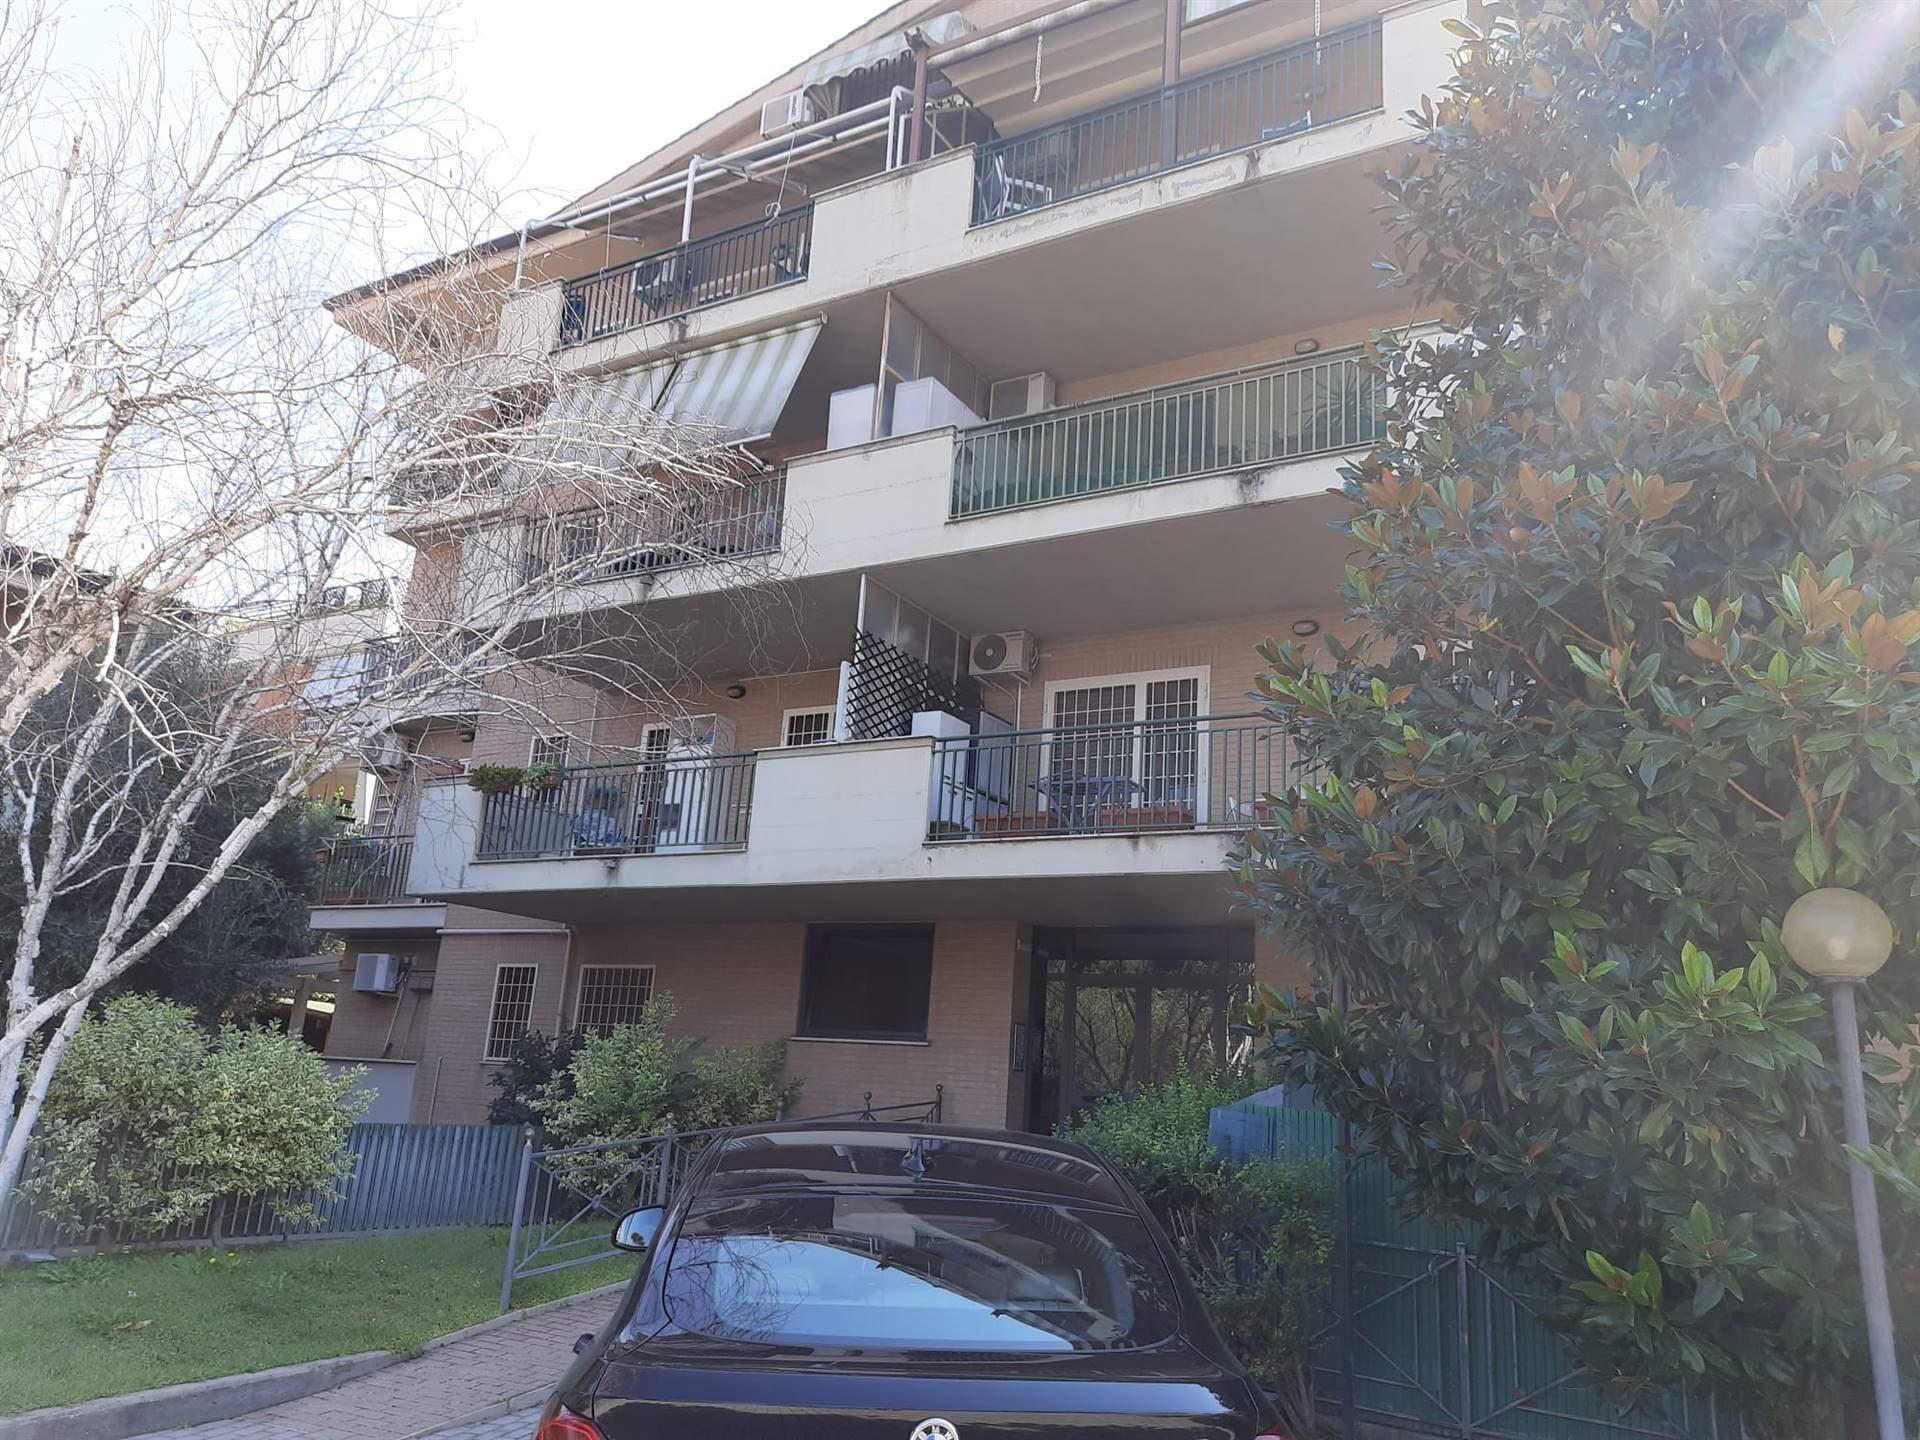 Appartamento in vendita a Roma, 3 locali, zona Zona: 37 . Morena - Ciampino - Trigoria - Falcognana, prezzo € 210.000 | CambioCasa.it